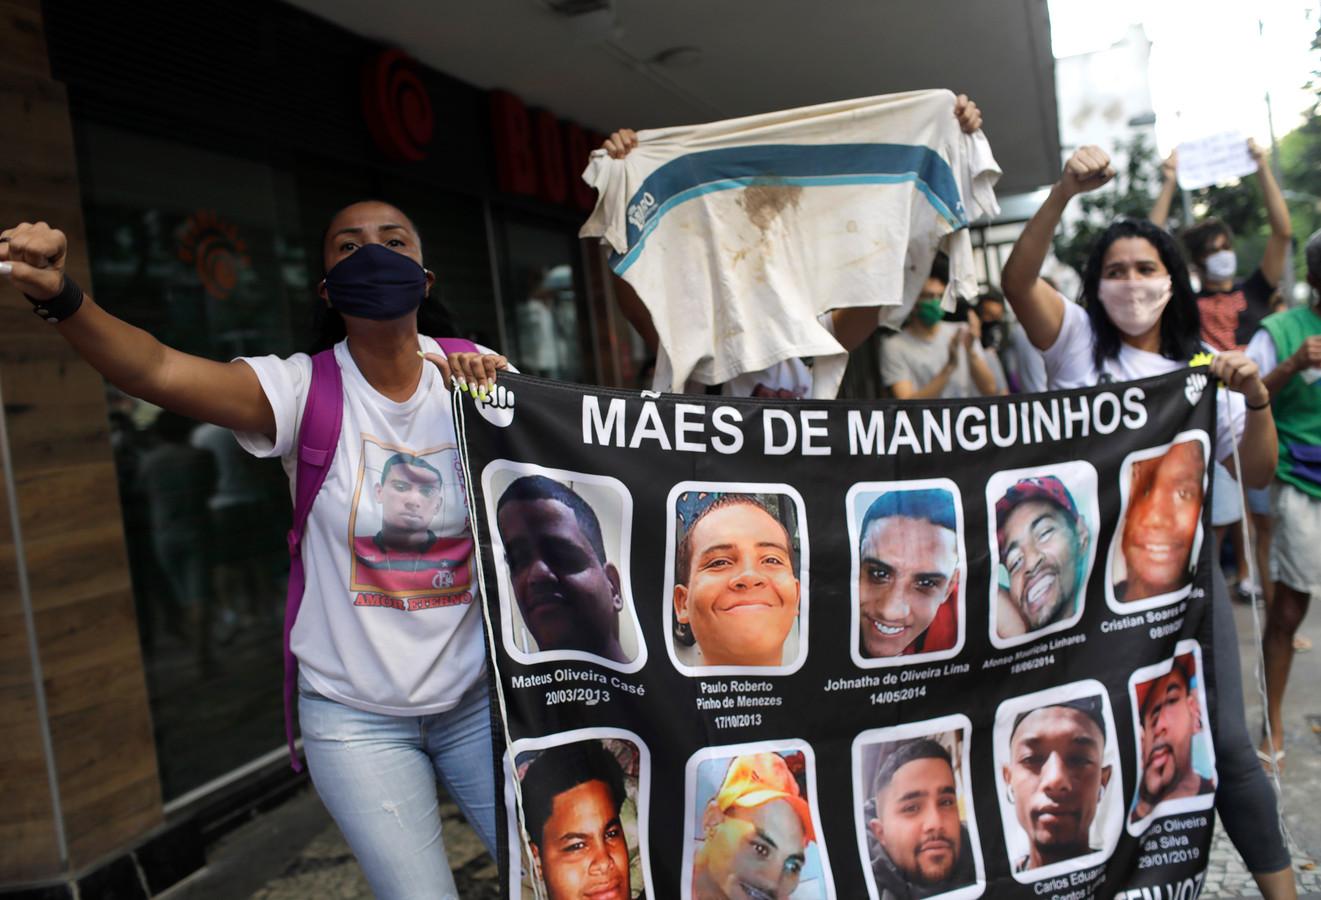 Moeders wier zonen werden gedood tijdens politie-acties in de sloppenwijken, tonen op een spandoek de foto's en namen van de jongens tijdens de betoging in Rio de Janeiro.